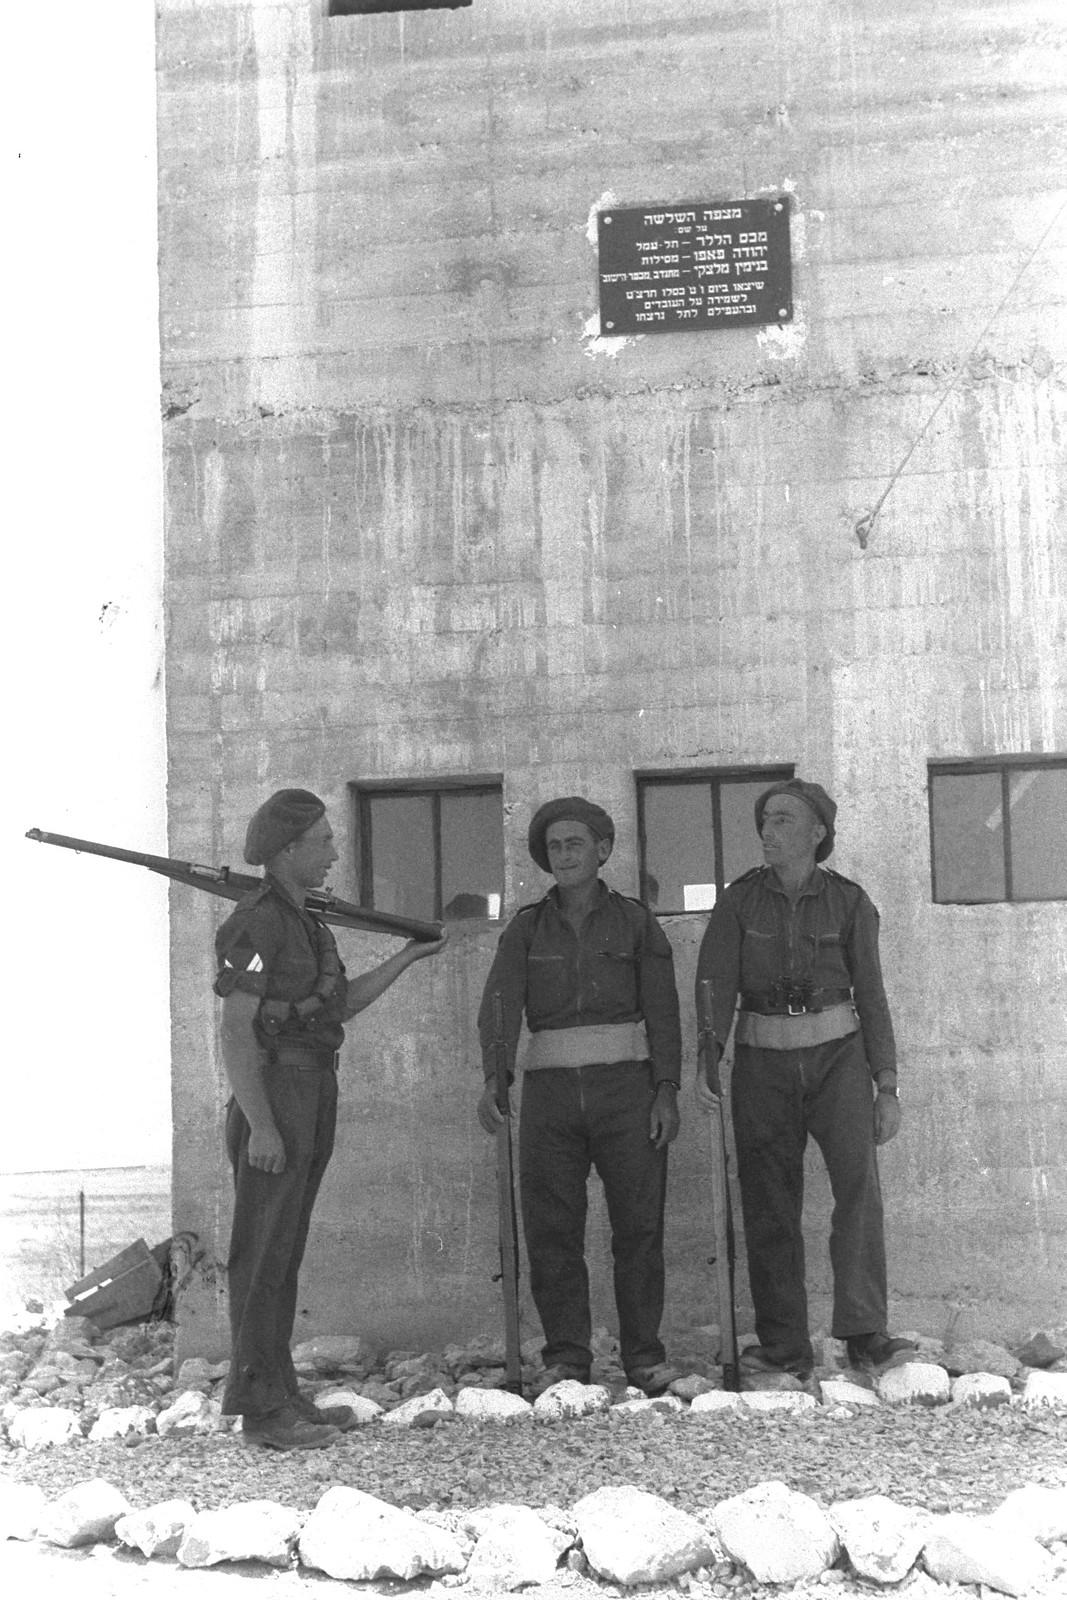 04. 1939. Еврейская поселенческая полиция у Сторожевой башни в киббуце Нир Давид (Тель-Амаль). 18 июня